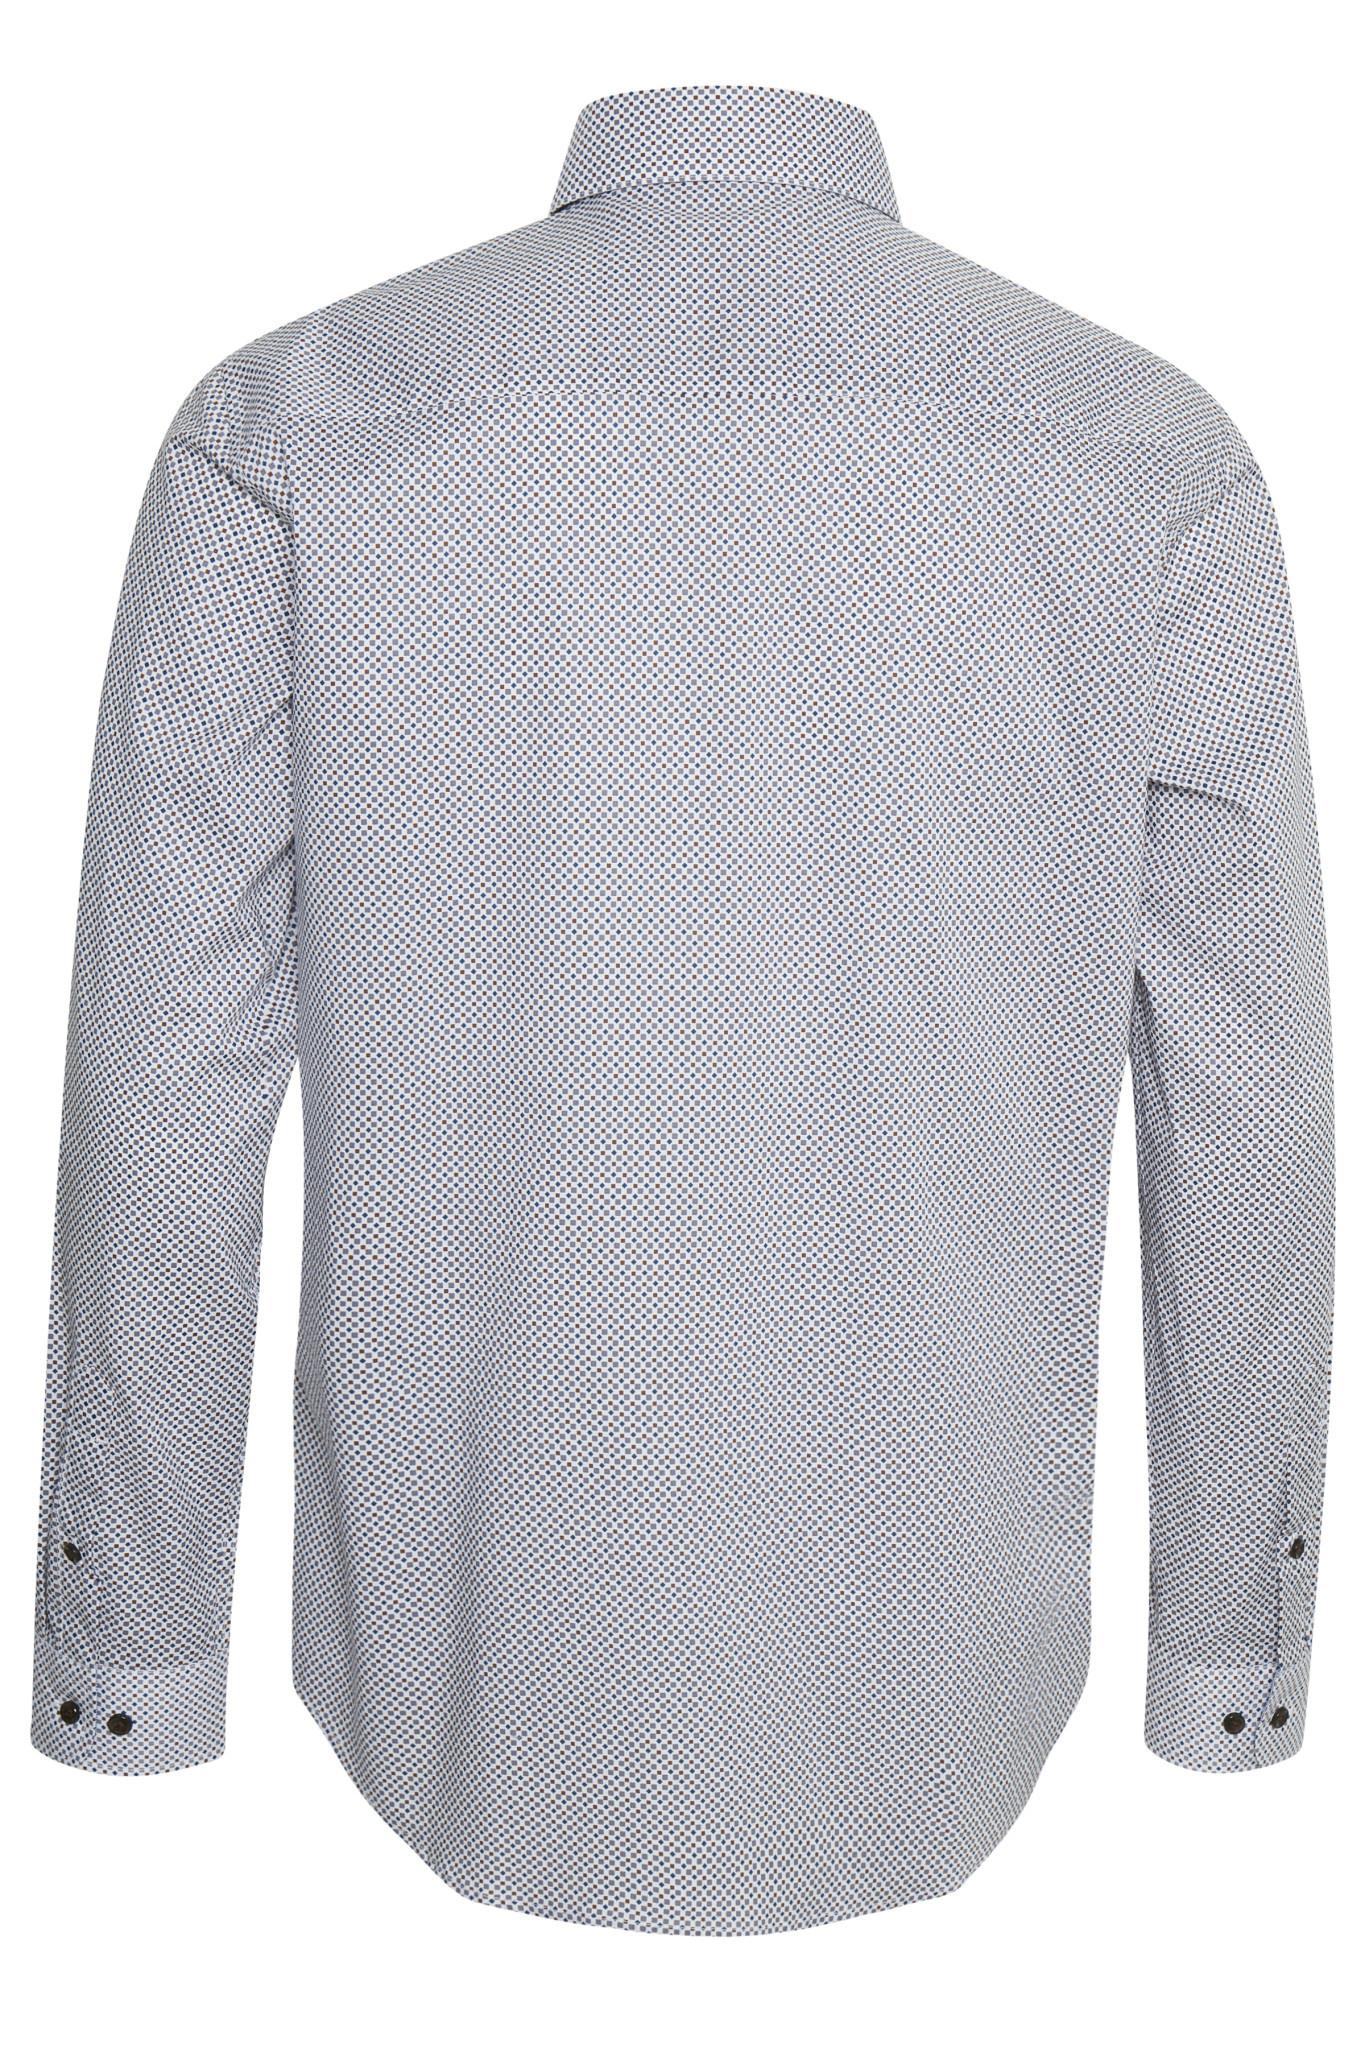 Urban Dot Dress Shirt